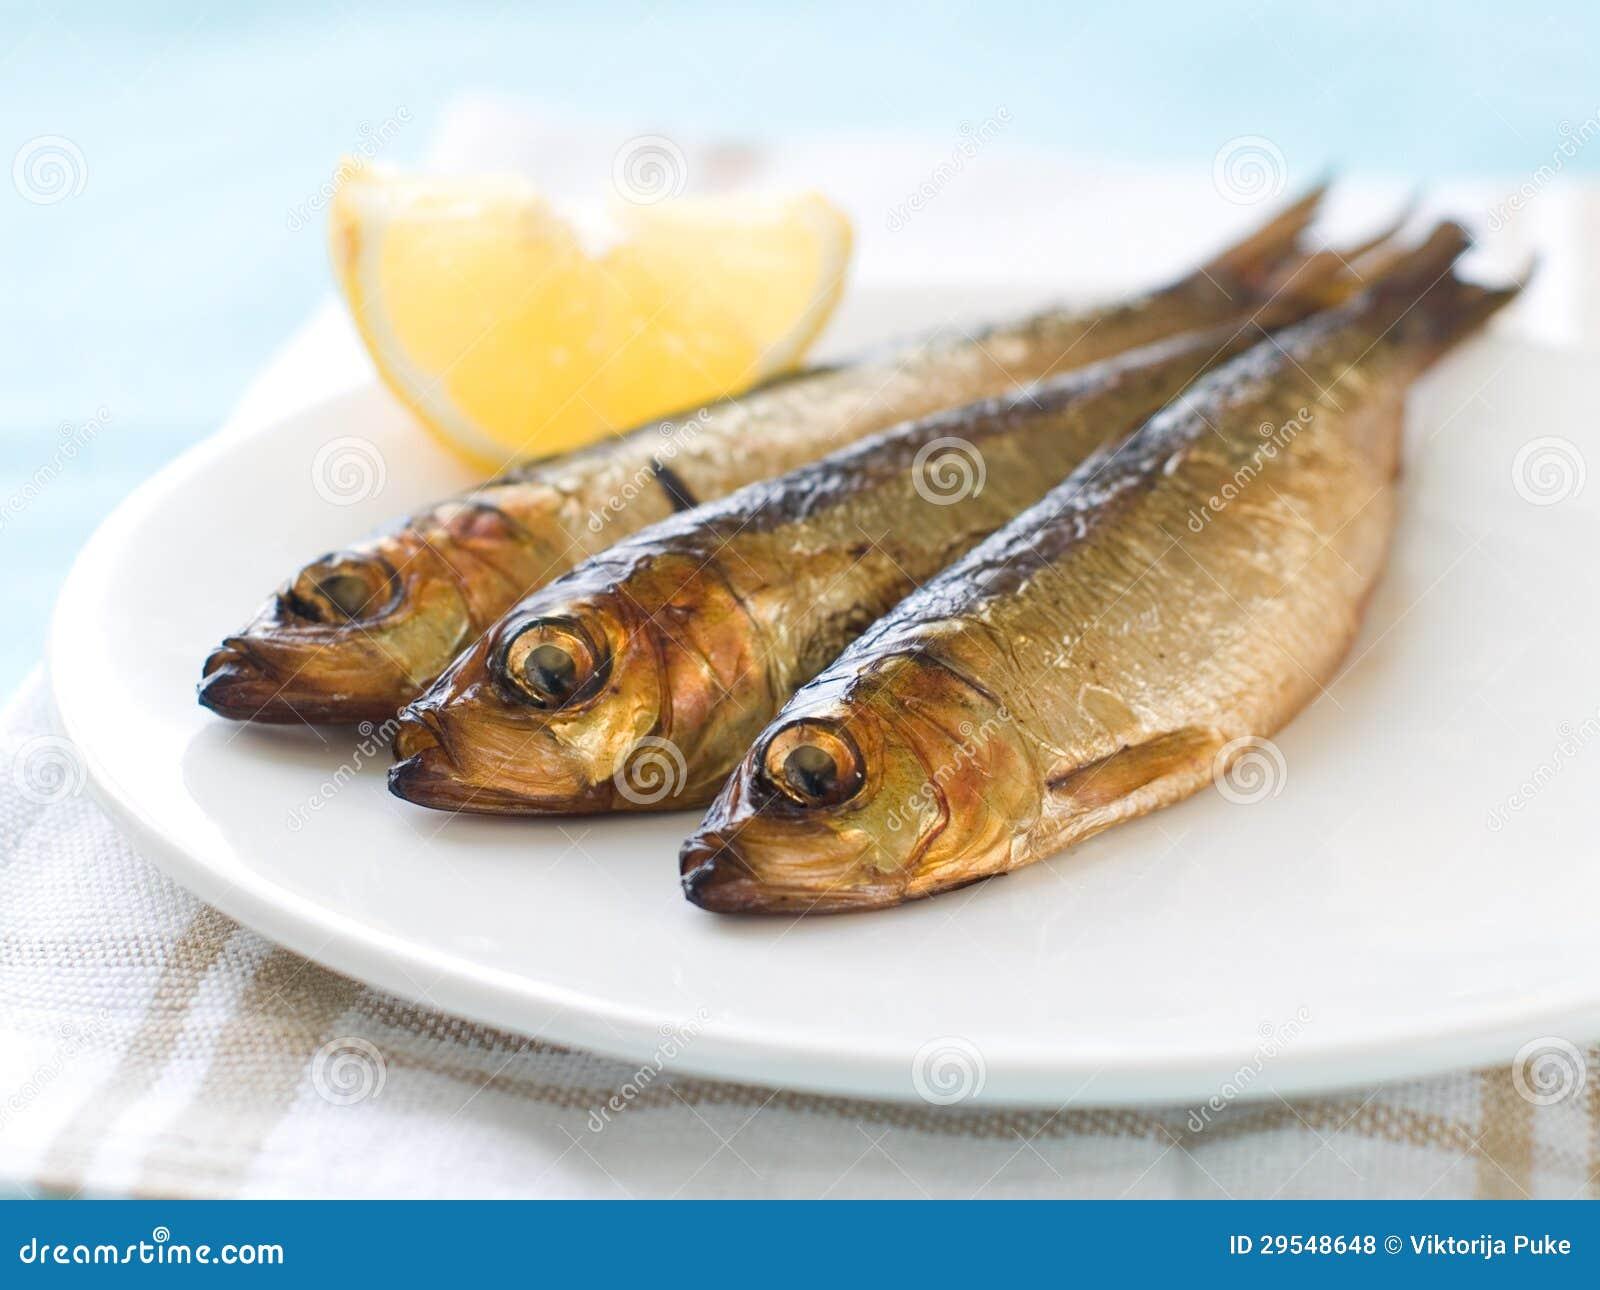 Smoked fish stock photo image of omega salted lemon for How to smoke fish